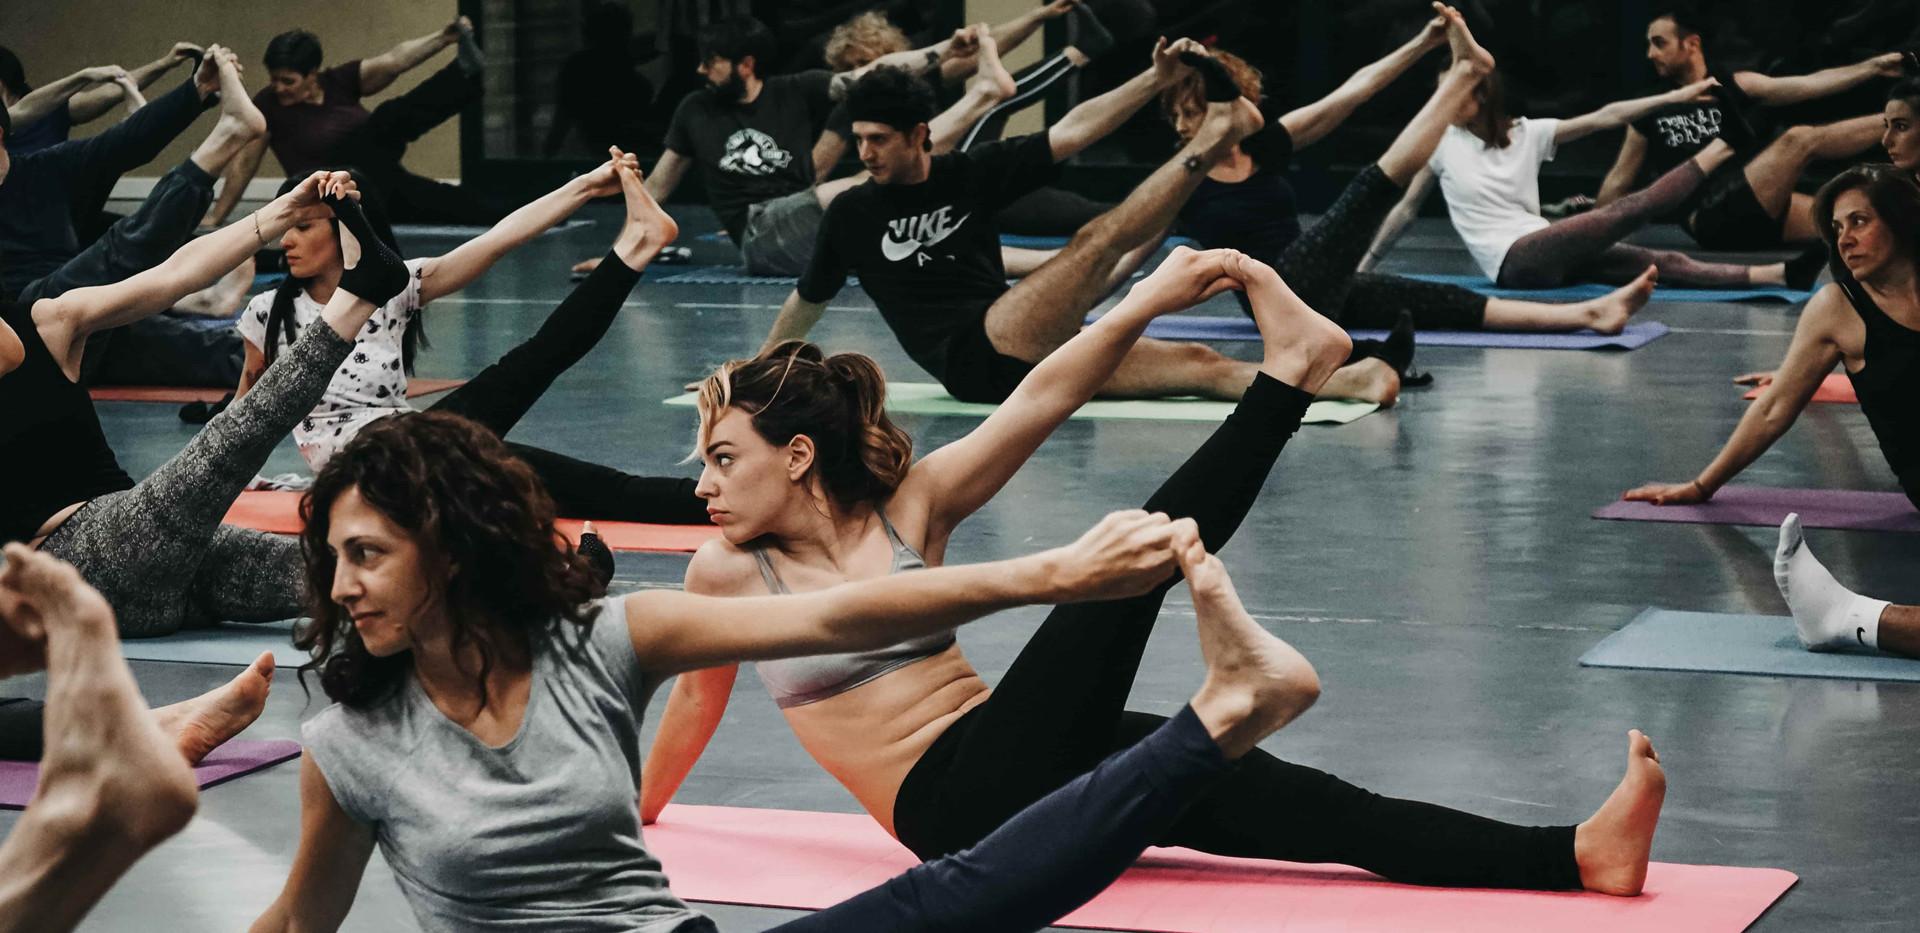 Immagine yoga-bs.JPG